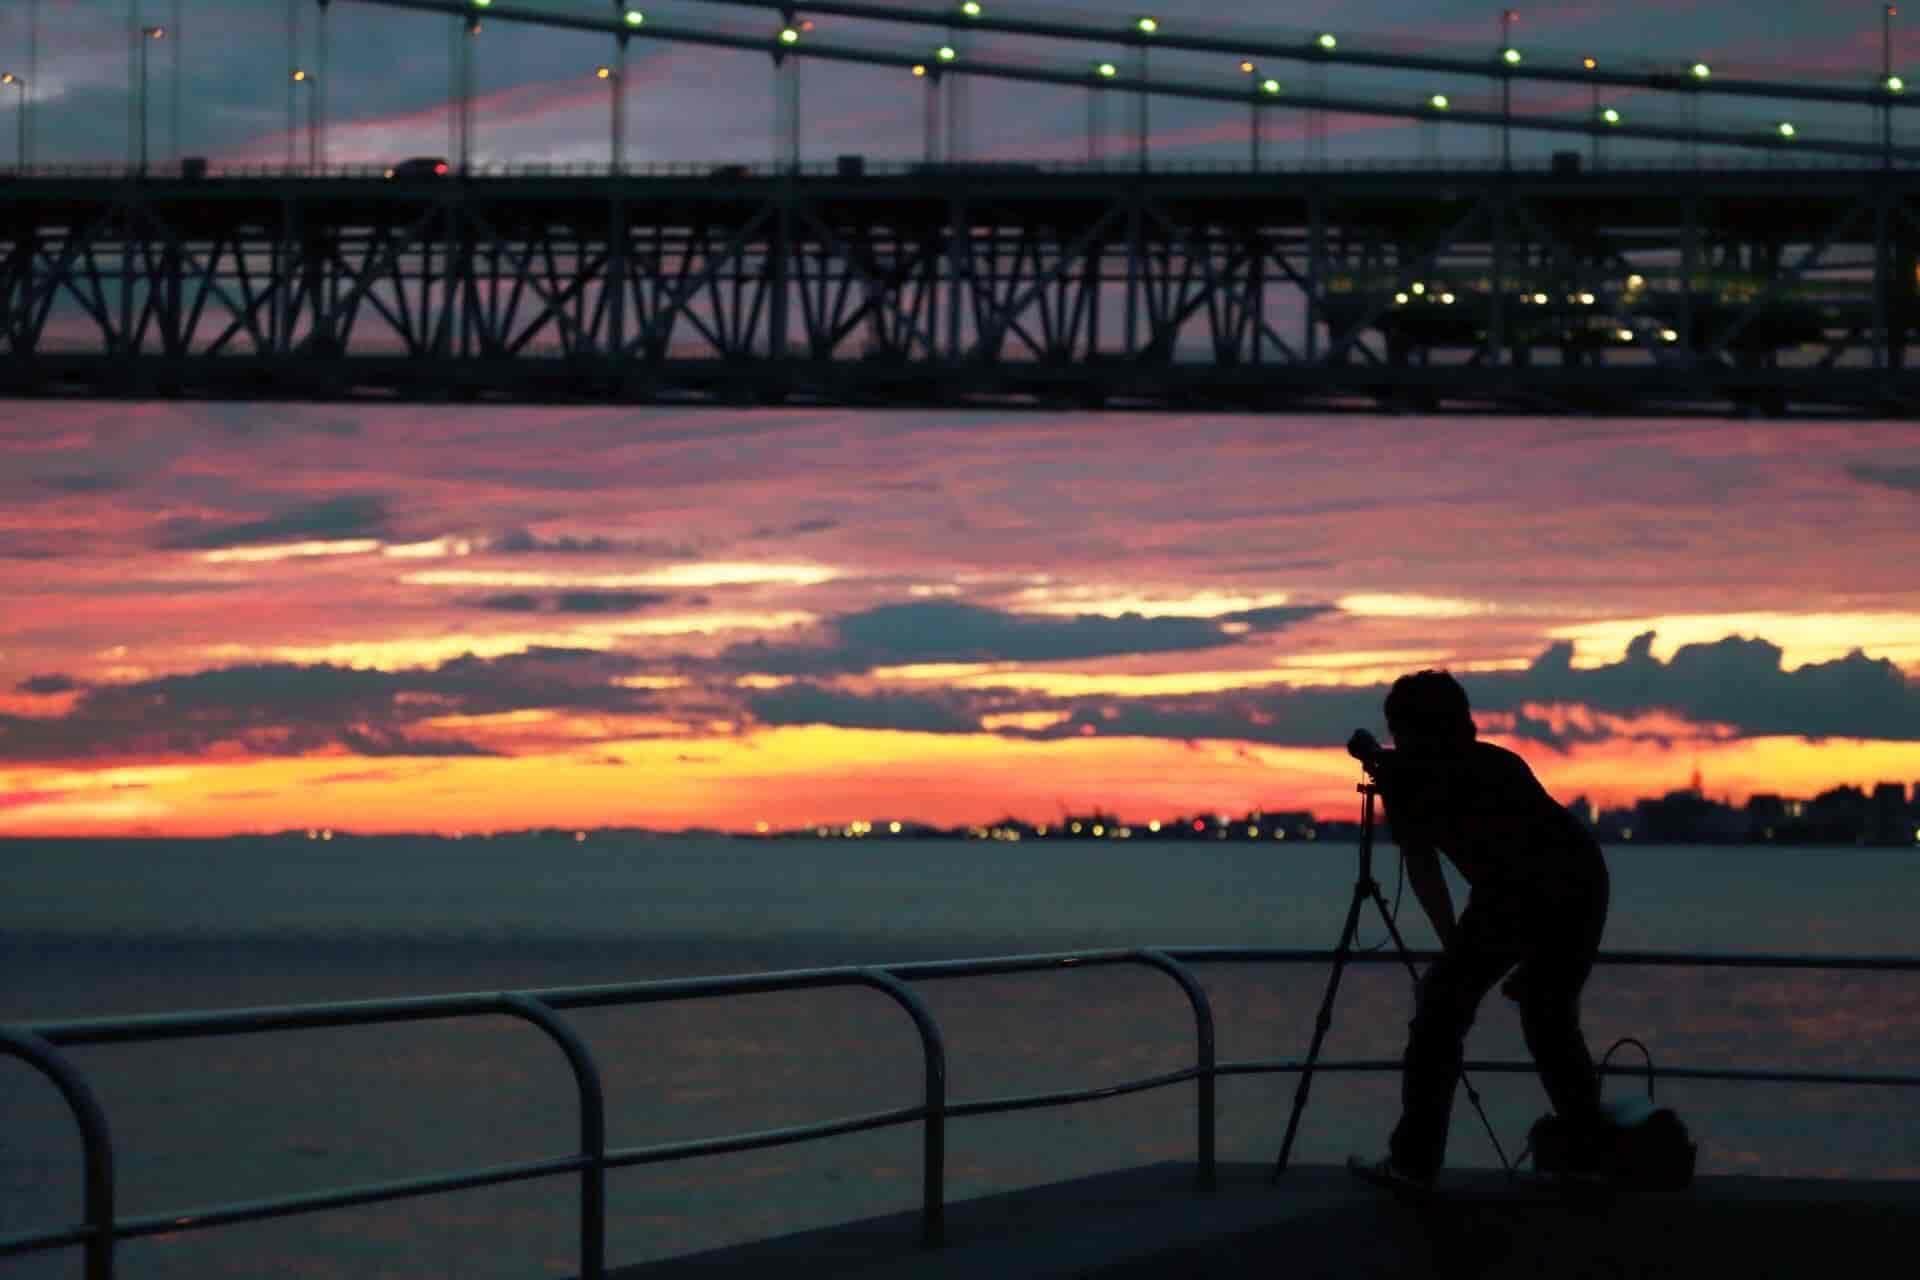 ラブ探偵事務所と他社の埼玉県北葛飾郡での夜間暗視撮影